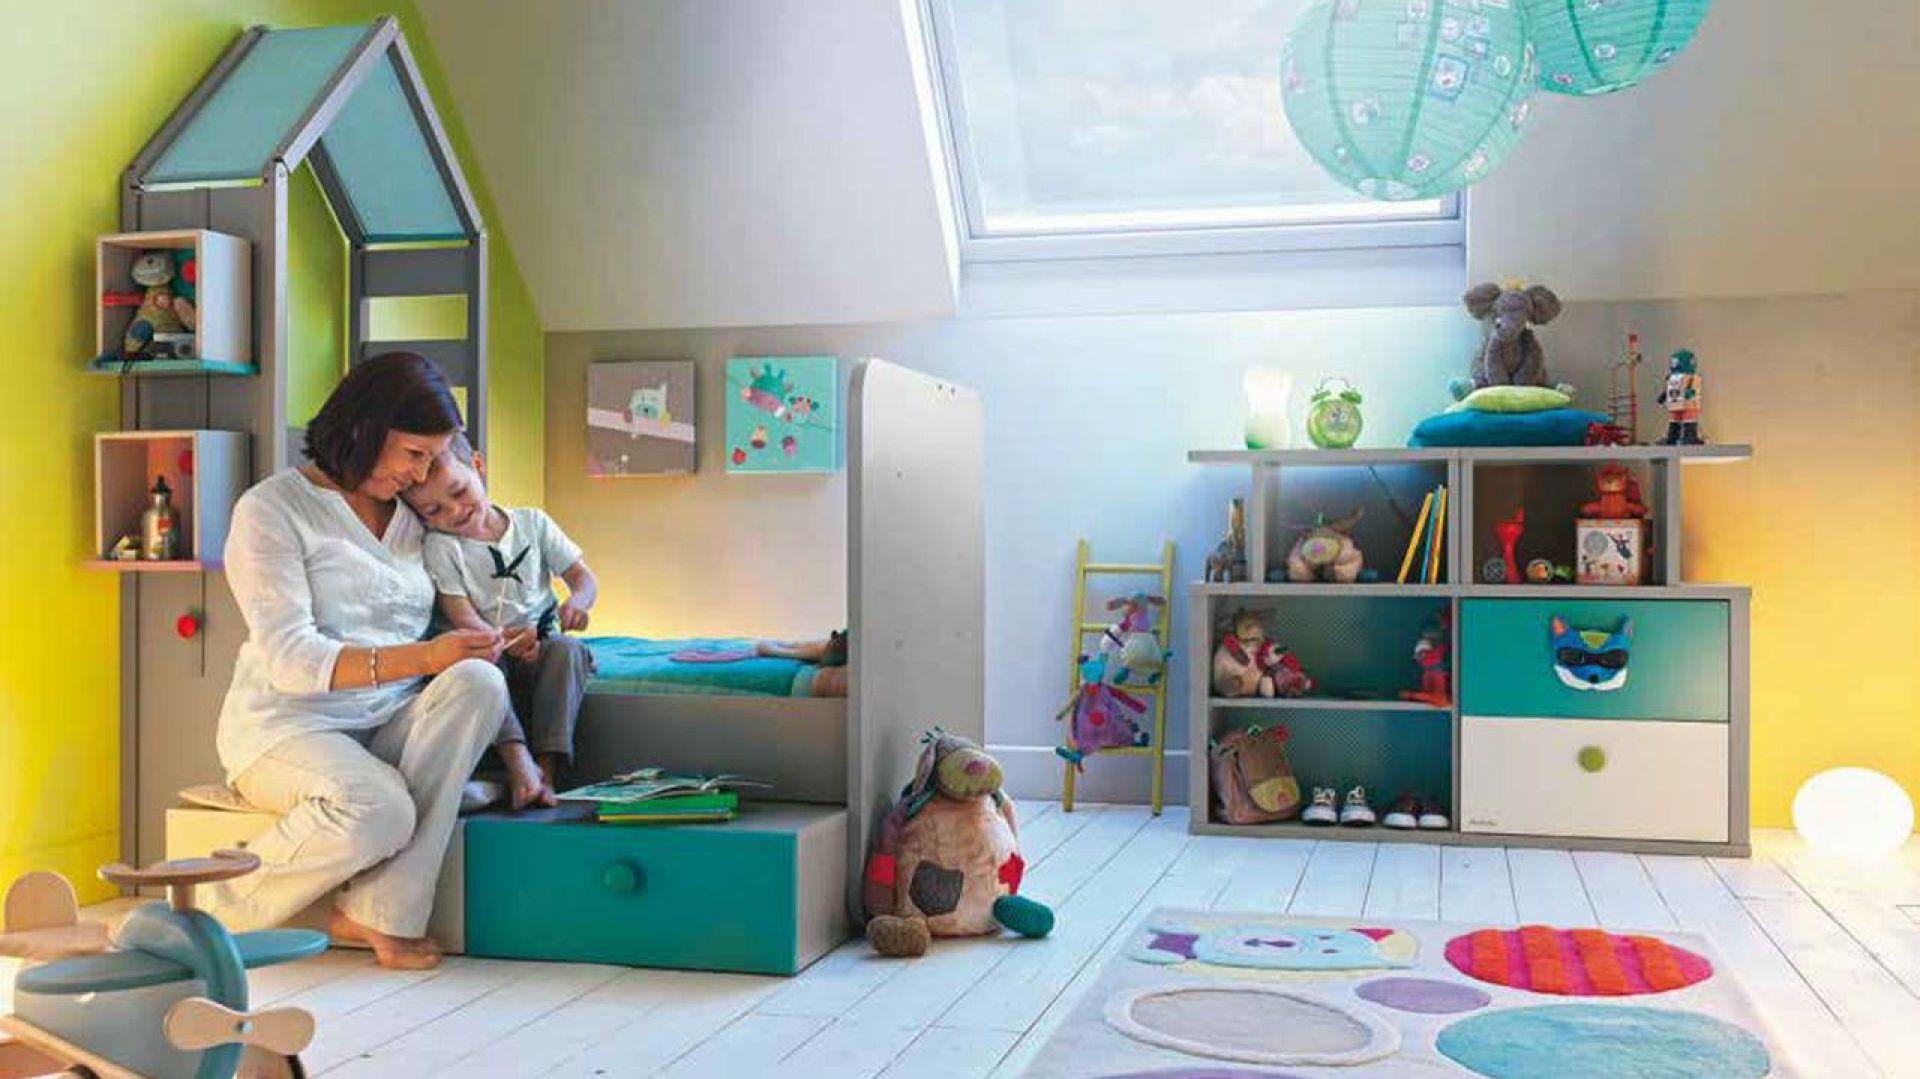 Meble dziecięce nie muszą być nudne. Łączenie ze sobą funkcji np. łóżka z półkami, to ciekawe rozwiązanie. Pasują do tego delikatne kolory i zabawne kształty. Fot. Galipette and Moulin Roty